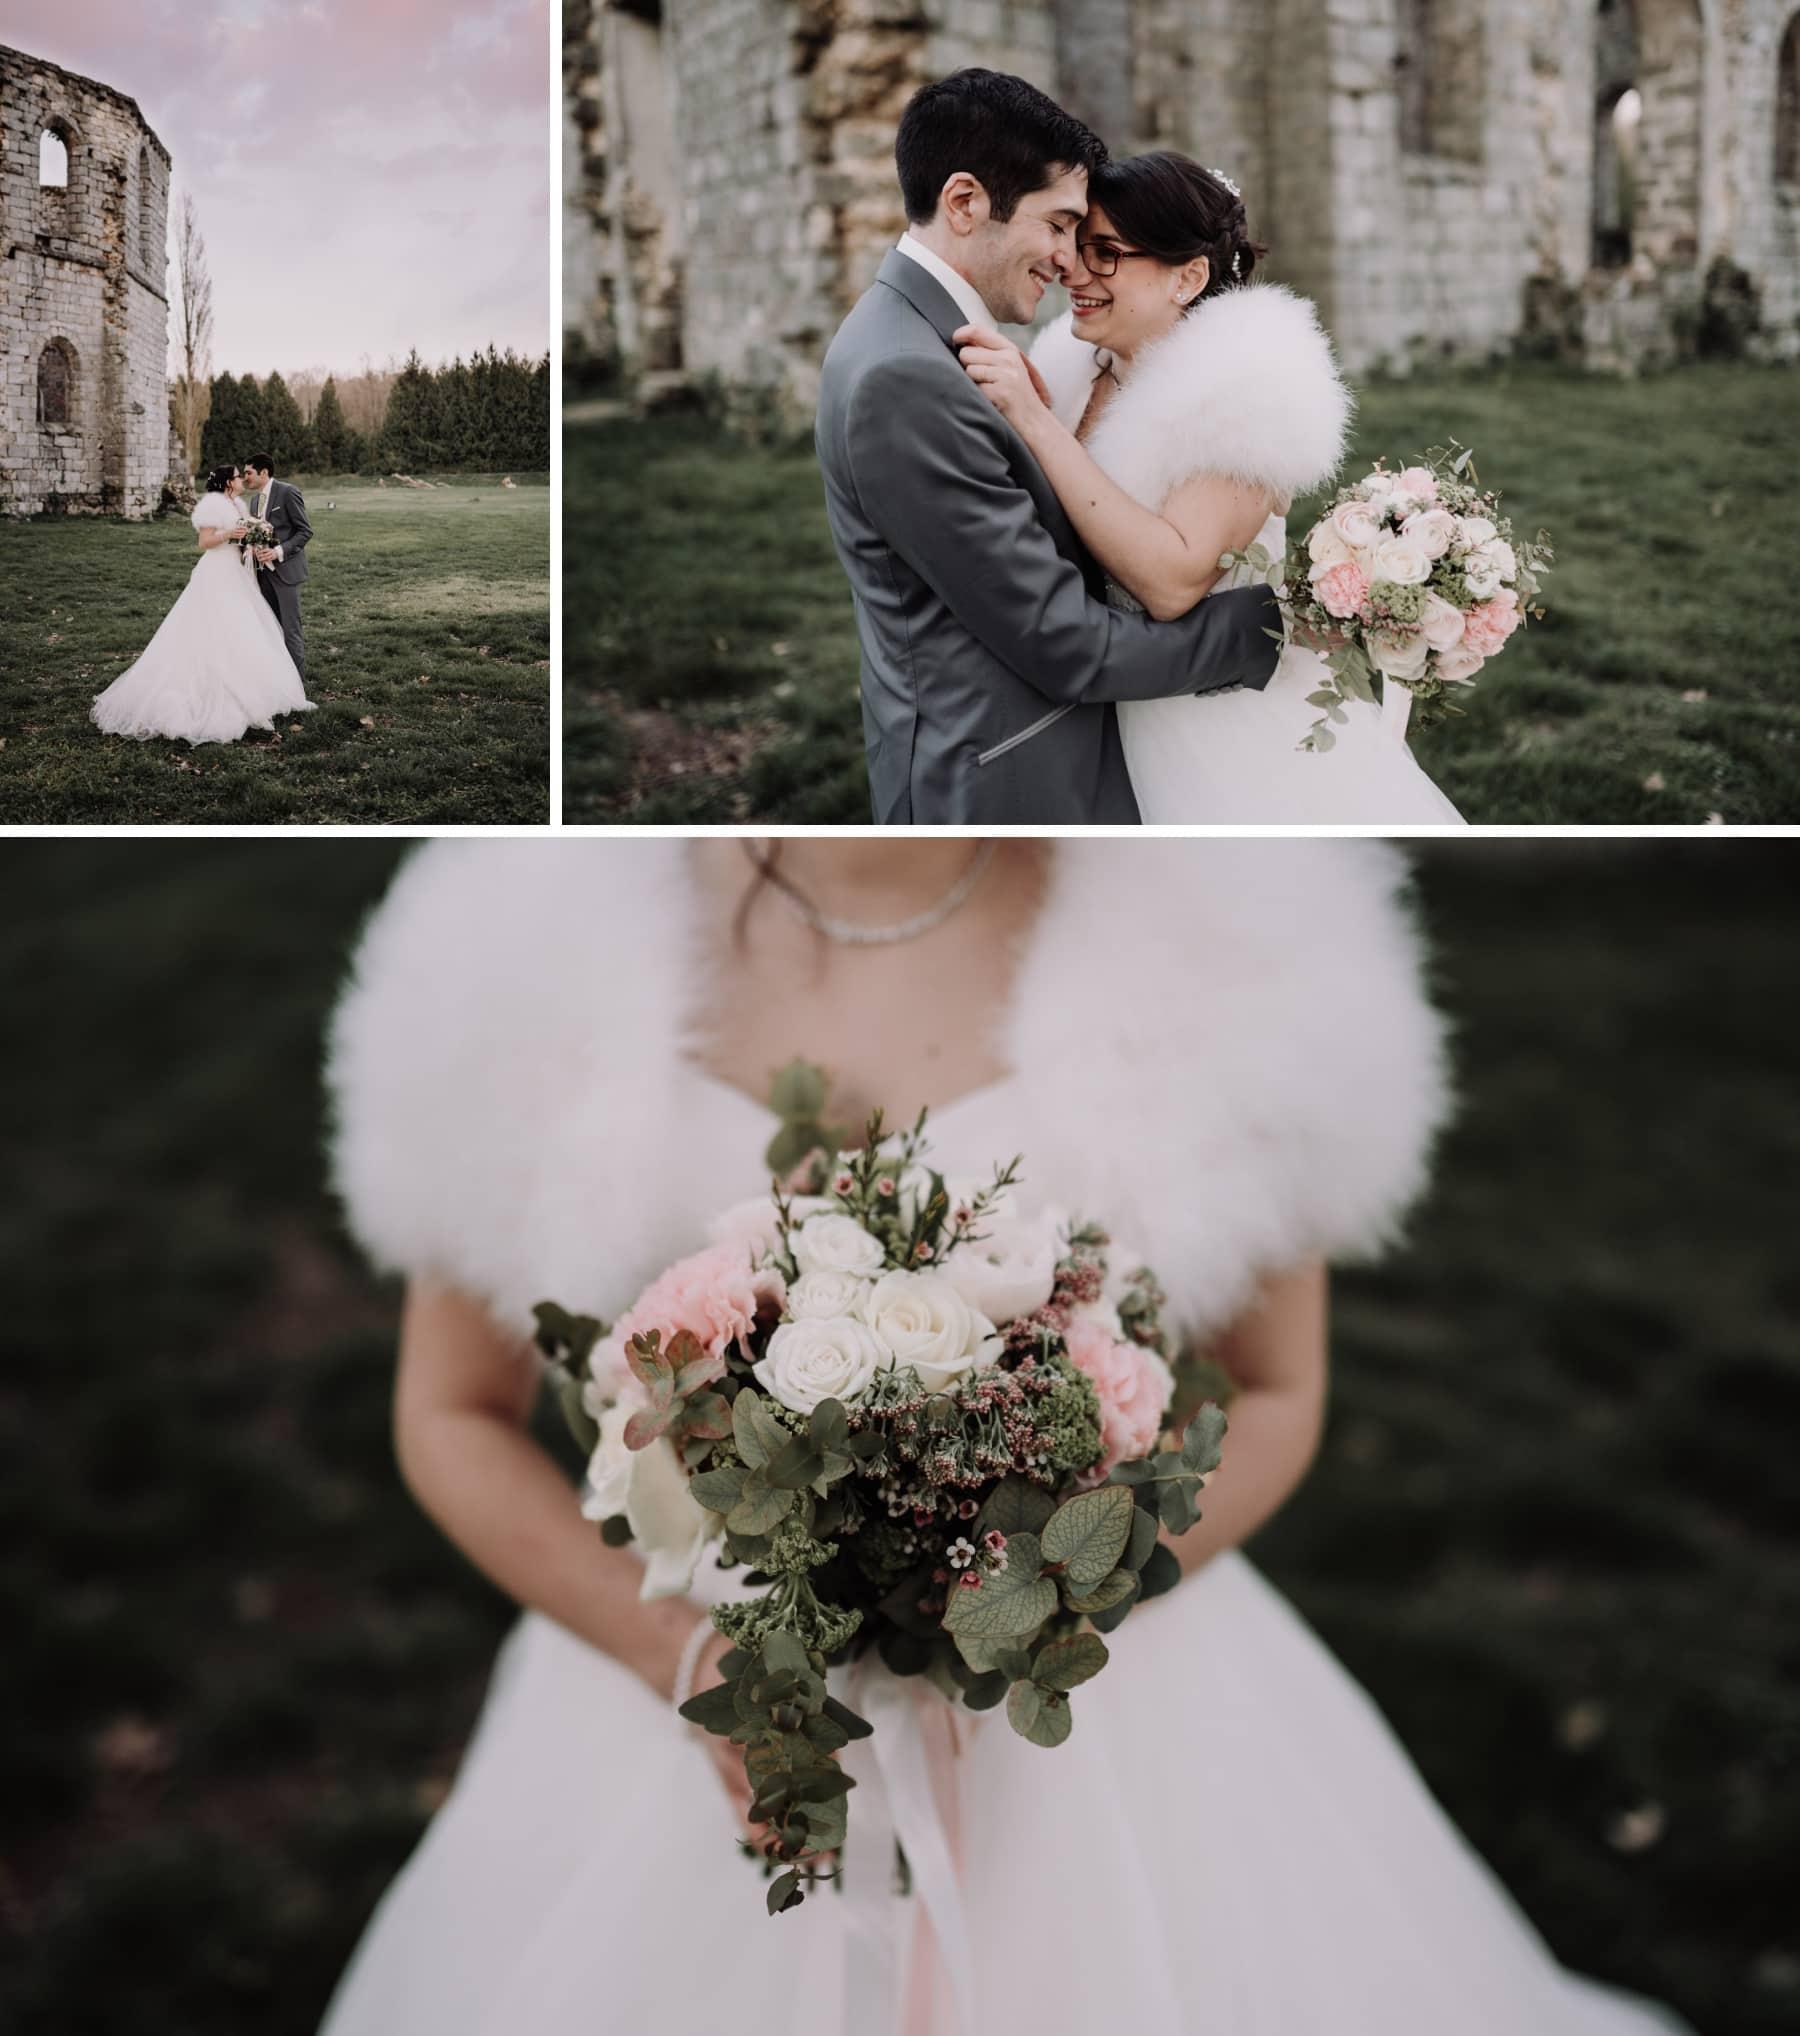 séance couple mariage romantique